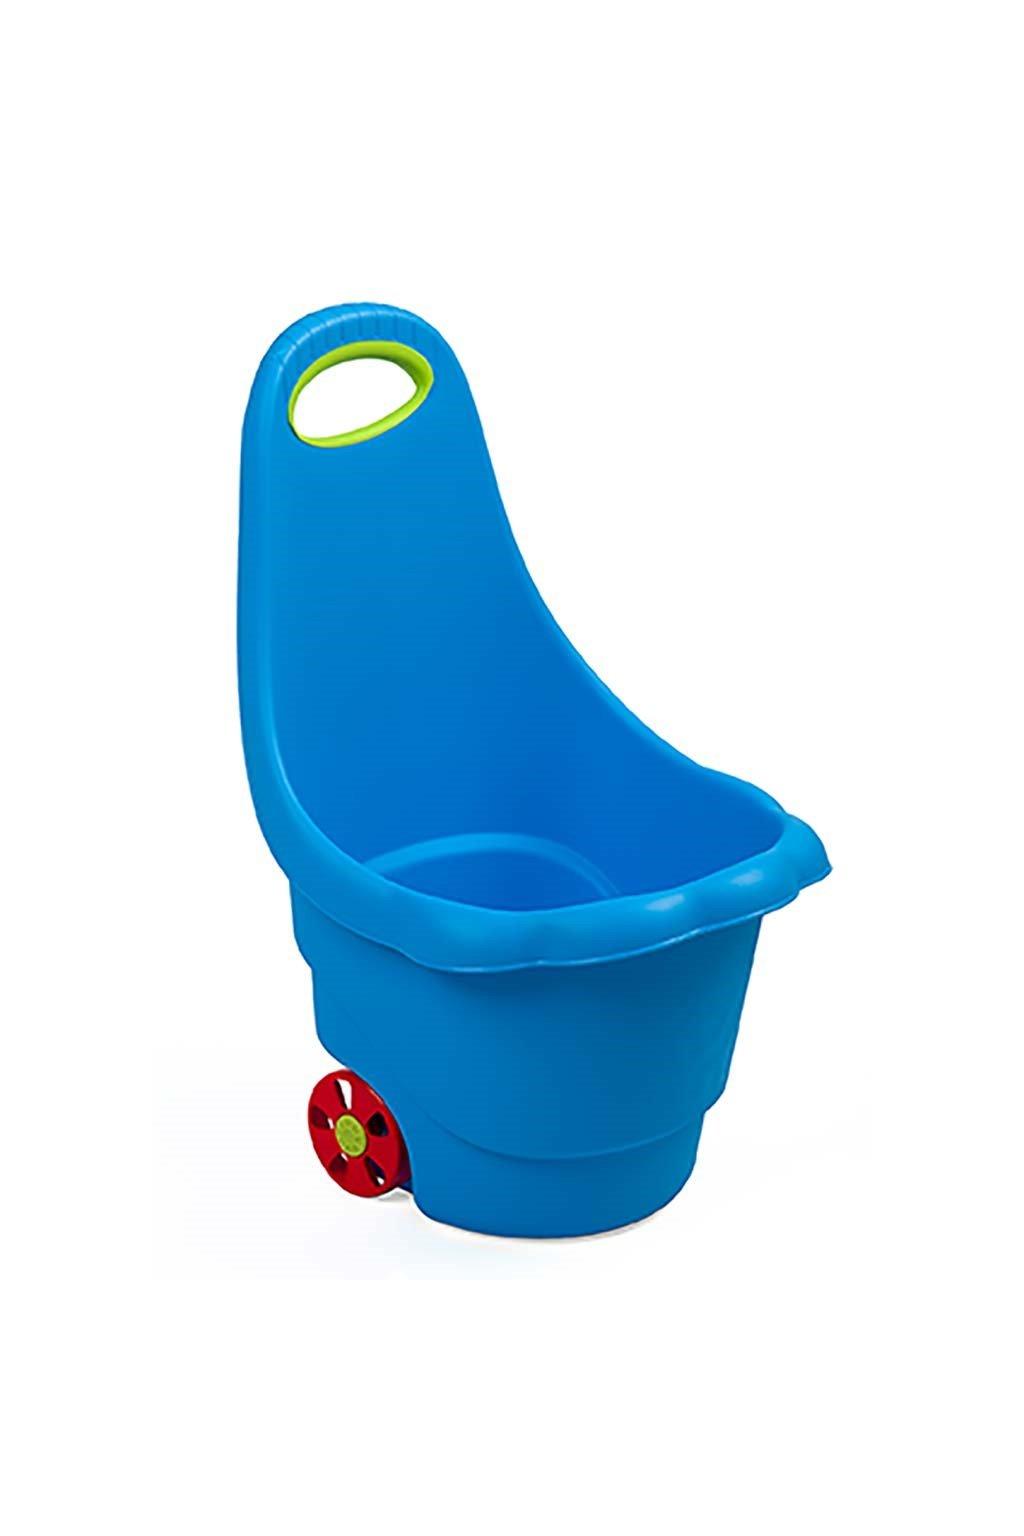 Detský multifunkčný vozík BAYO Sedmokráska 60 cm modrý